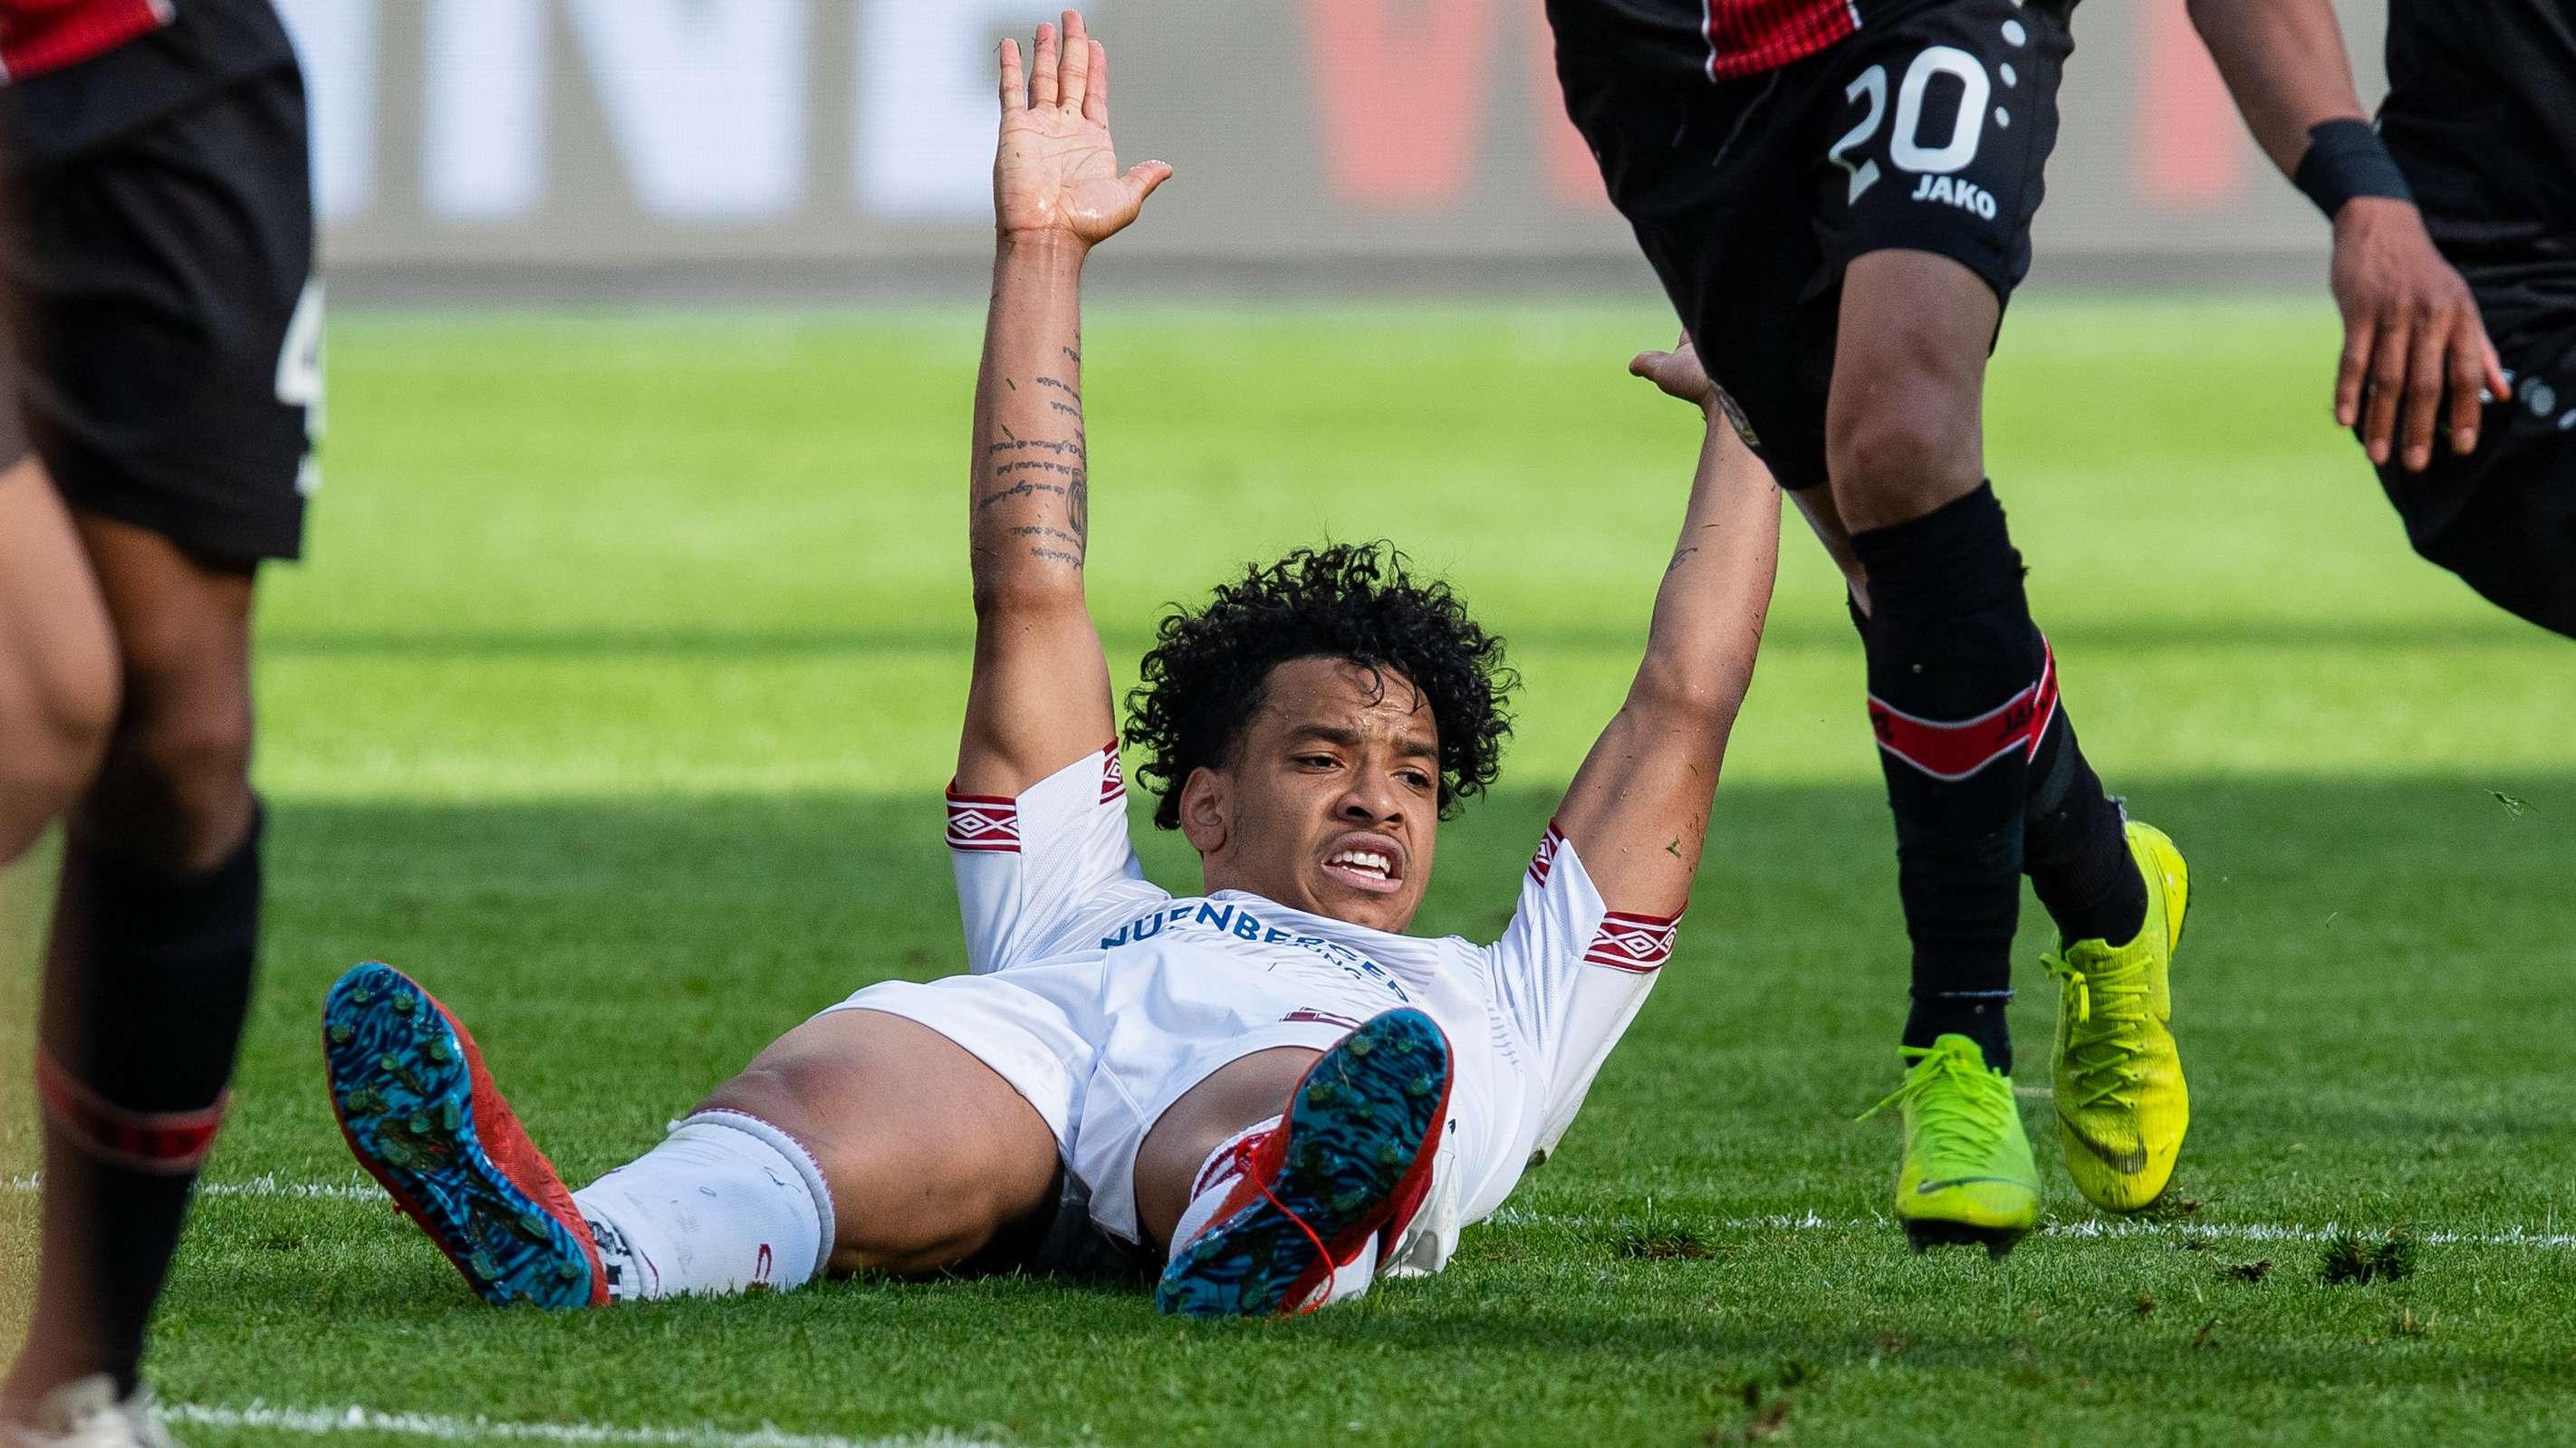 Der Nürnberger Matheus Pereira liegt in Leverkusen am Boden